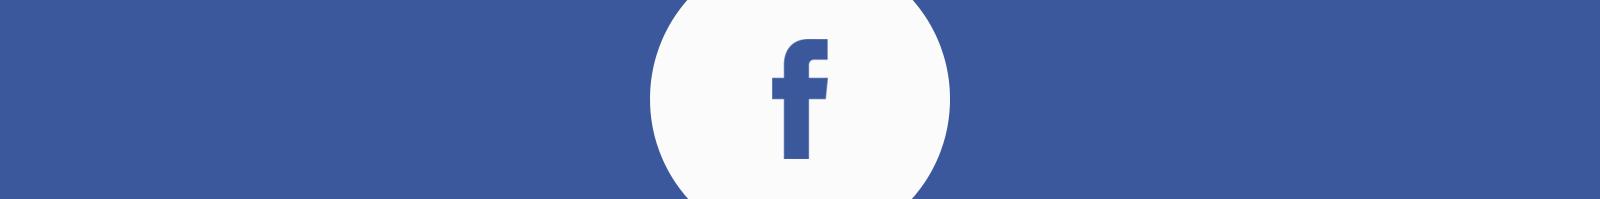 Facebook divider